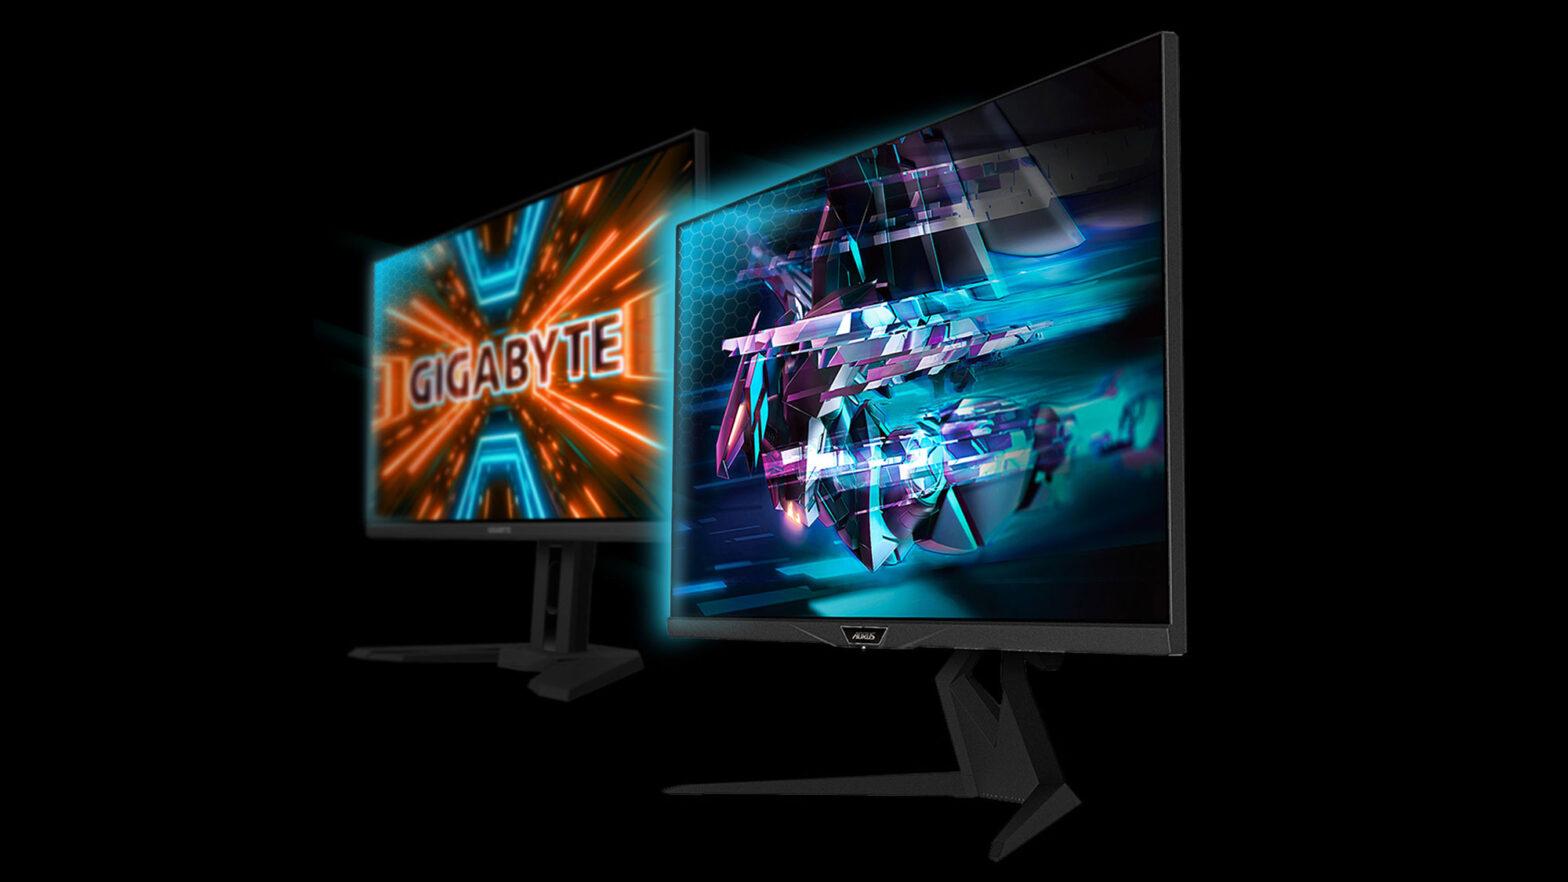 GIGABYTE Eyesafe Certified Gaming Monitors